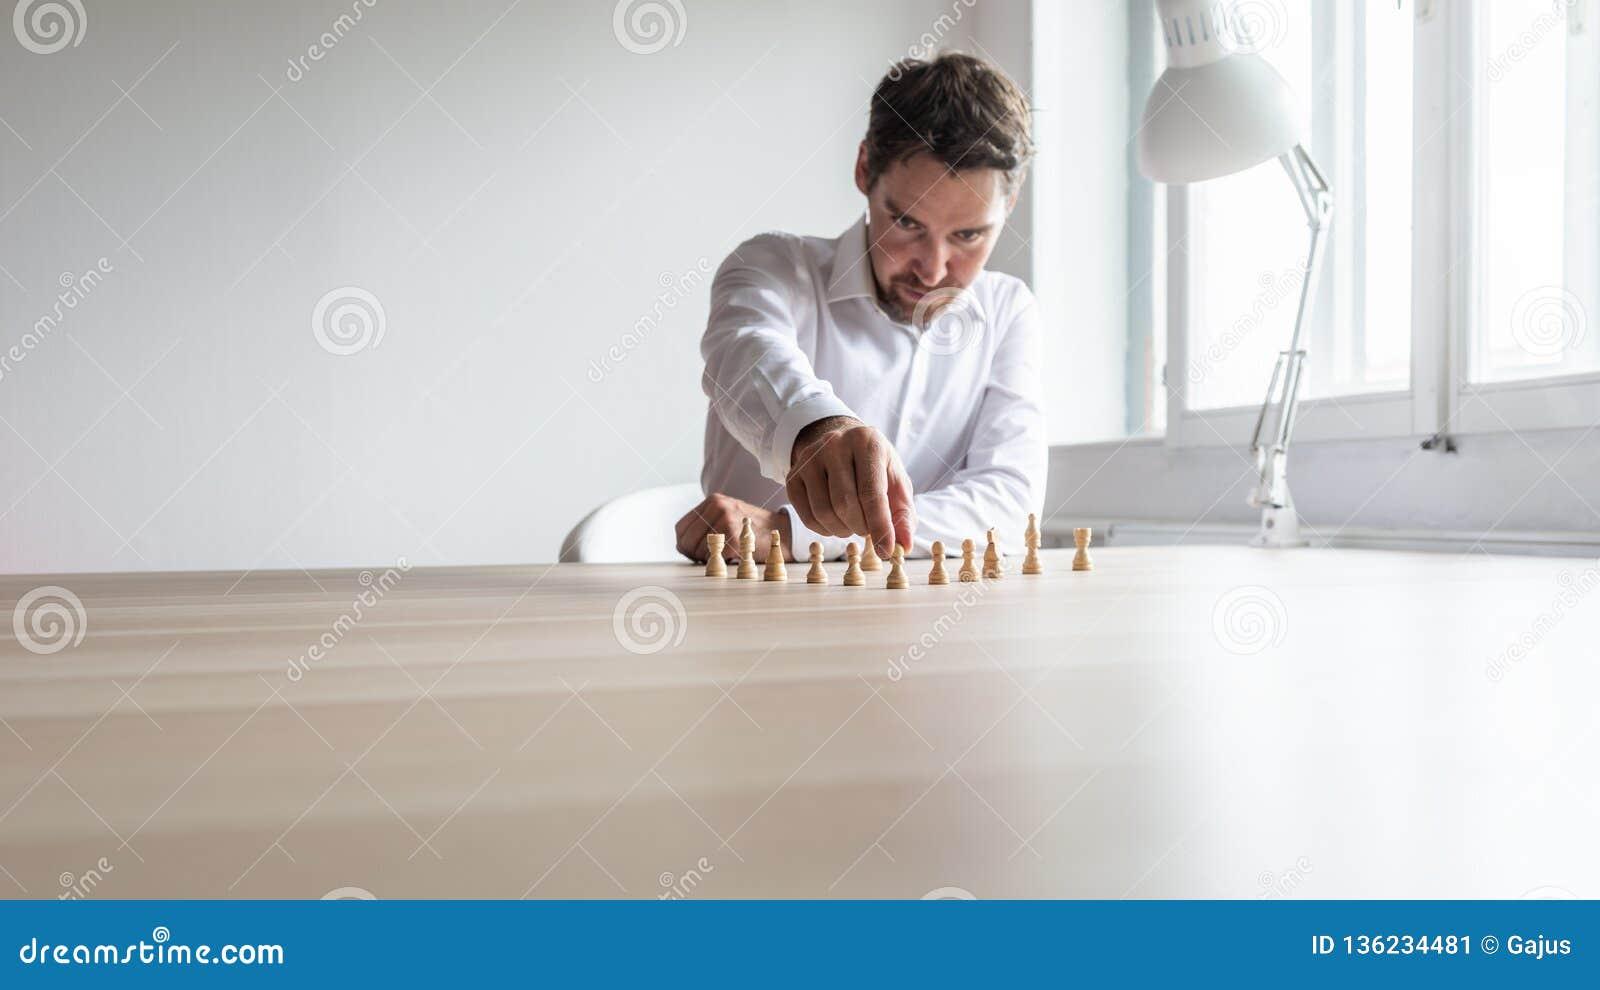 Junger Unternehmensleiter, der weiße Schachfiguren in einer vernünftigen Struktur in Position bringt